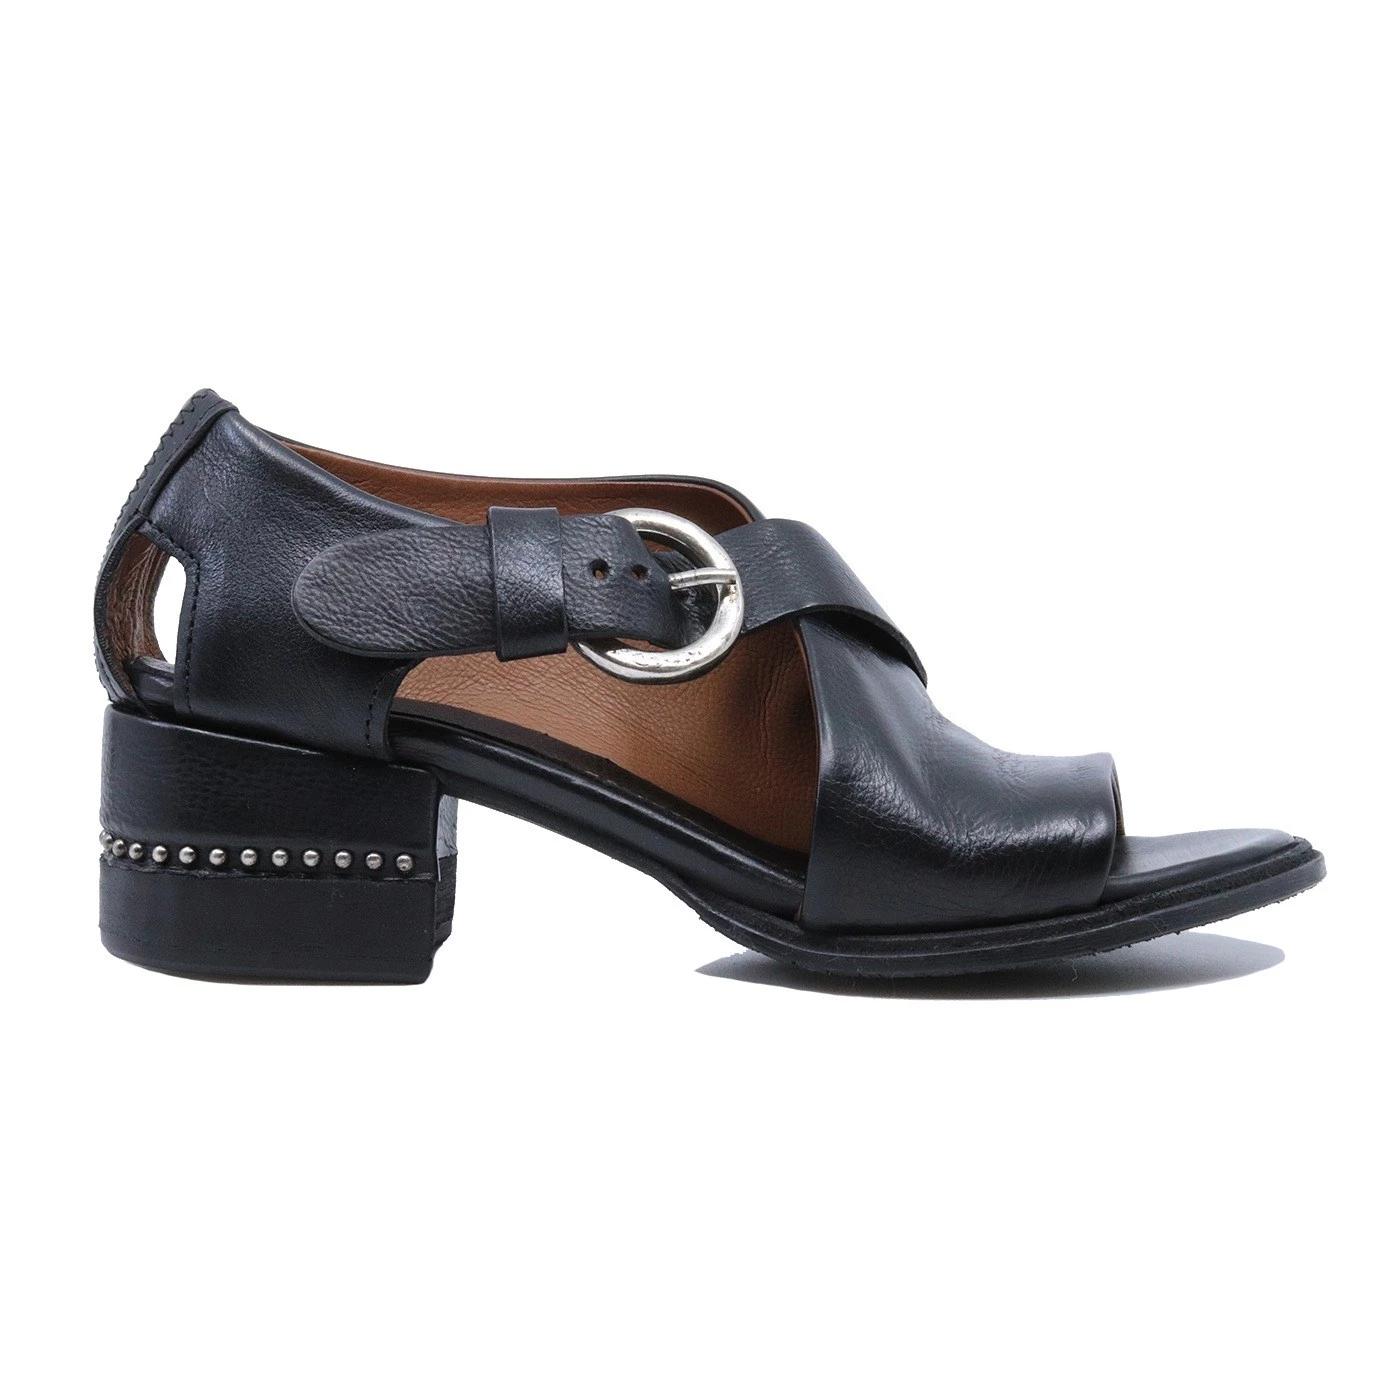 A.S. 98 672027 sandalo da donna in pelle nera